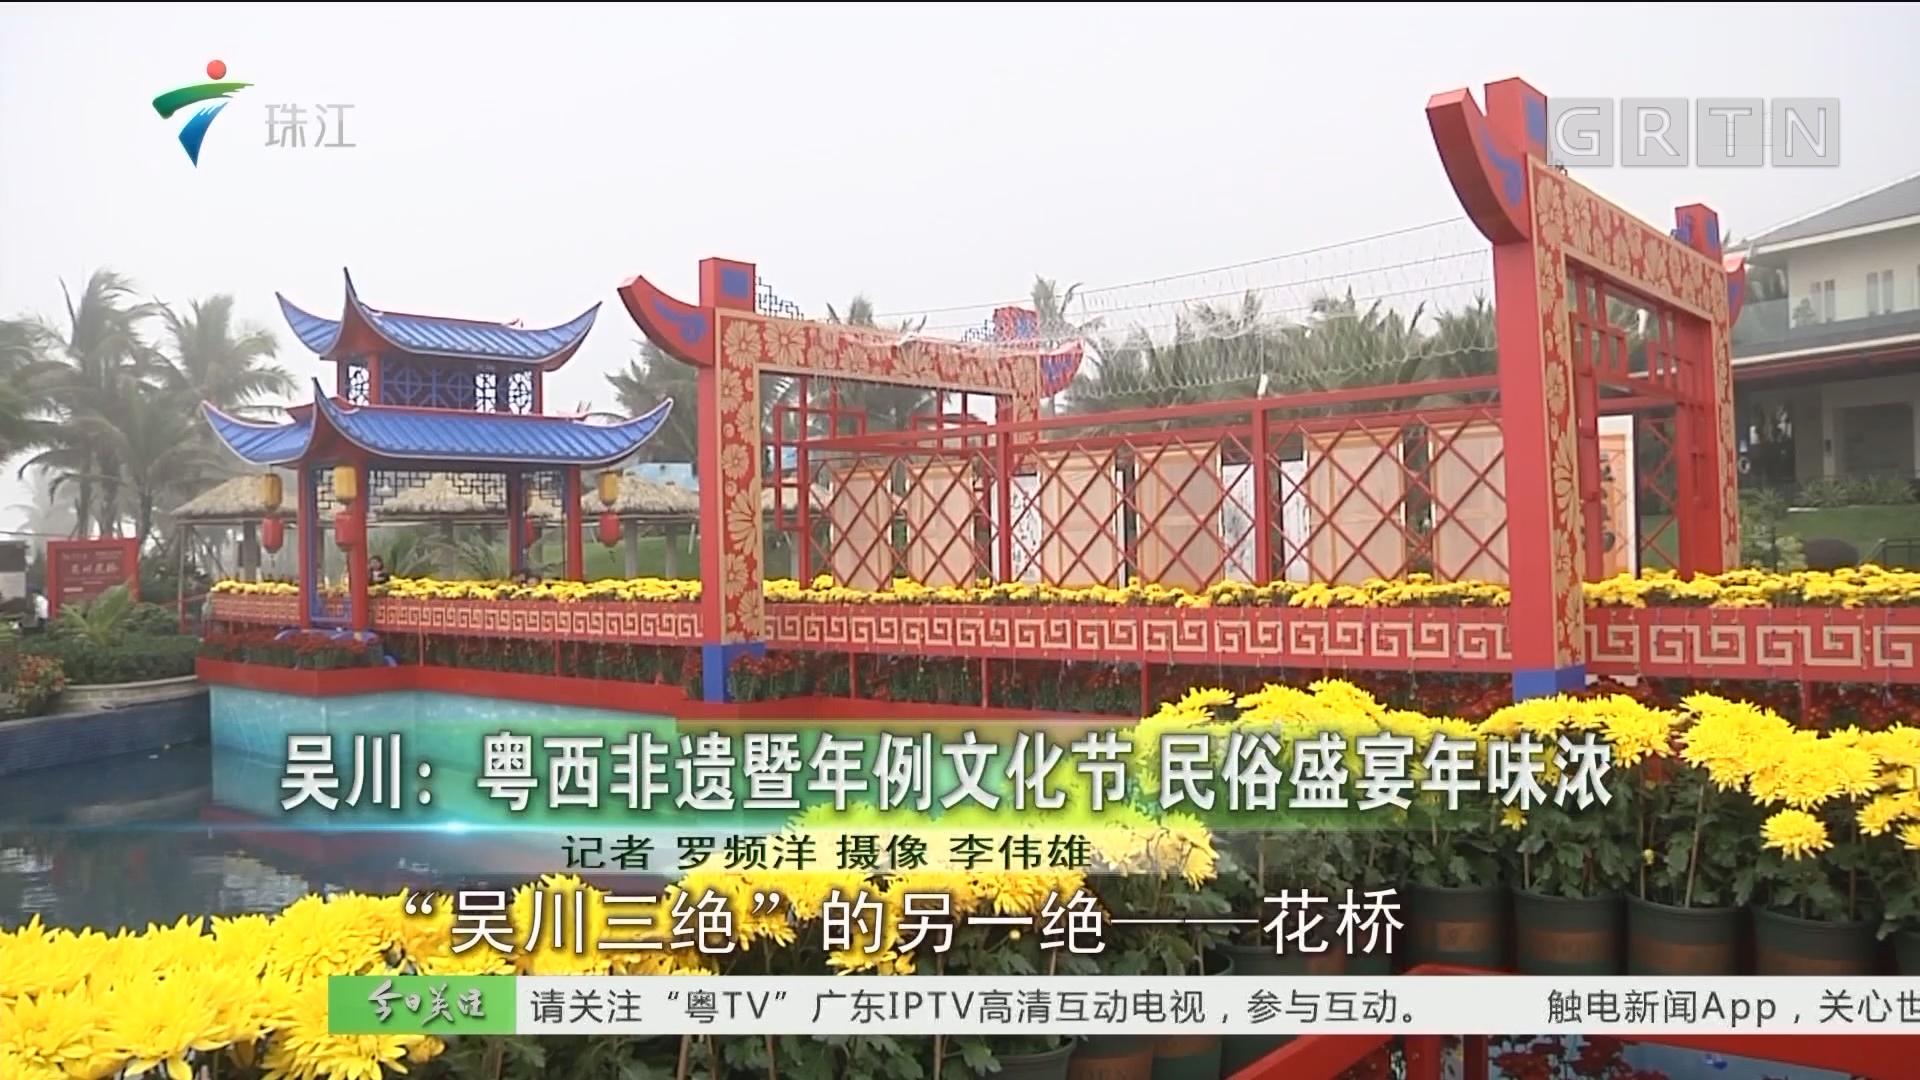 吴川:粤西非遗暨年例文化节 民俗盛宴年味浓